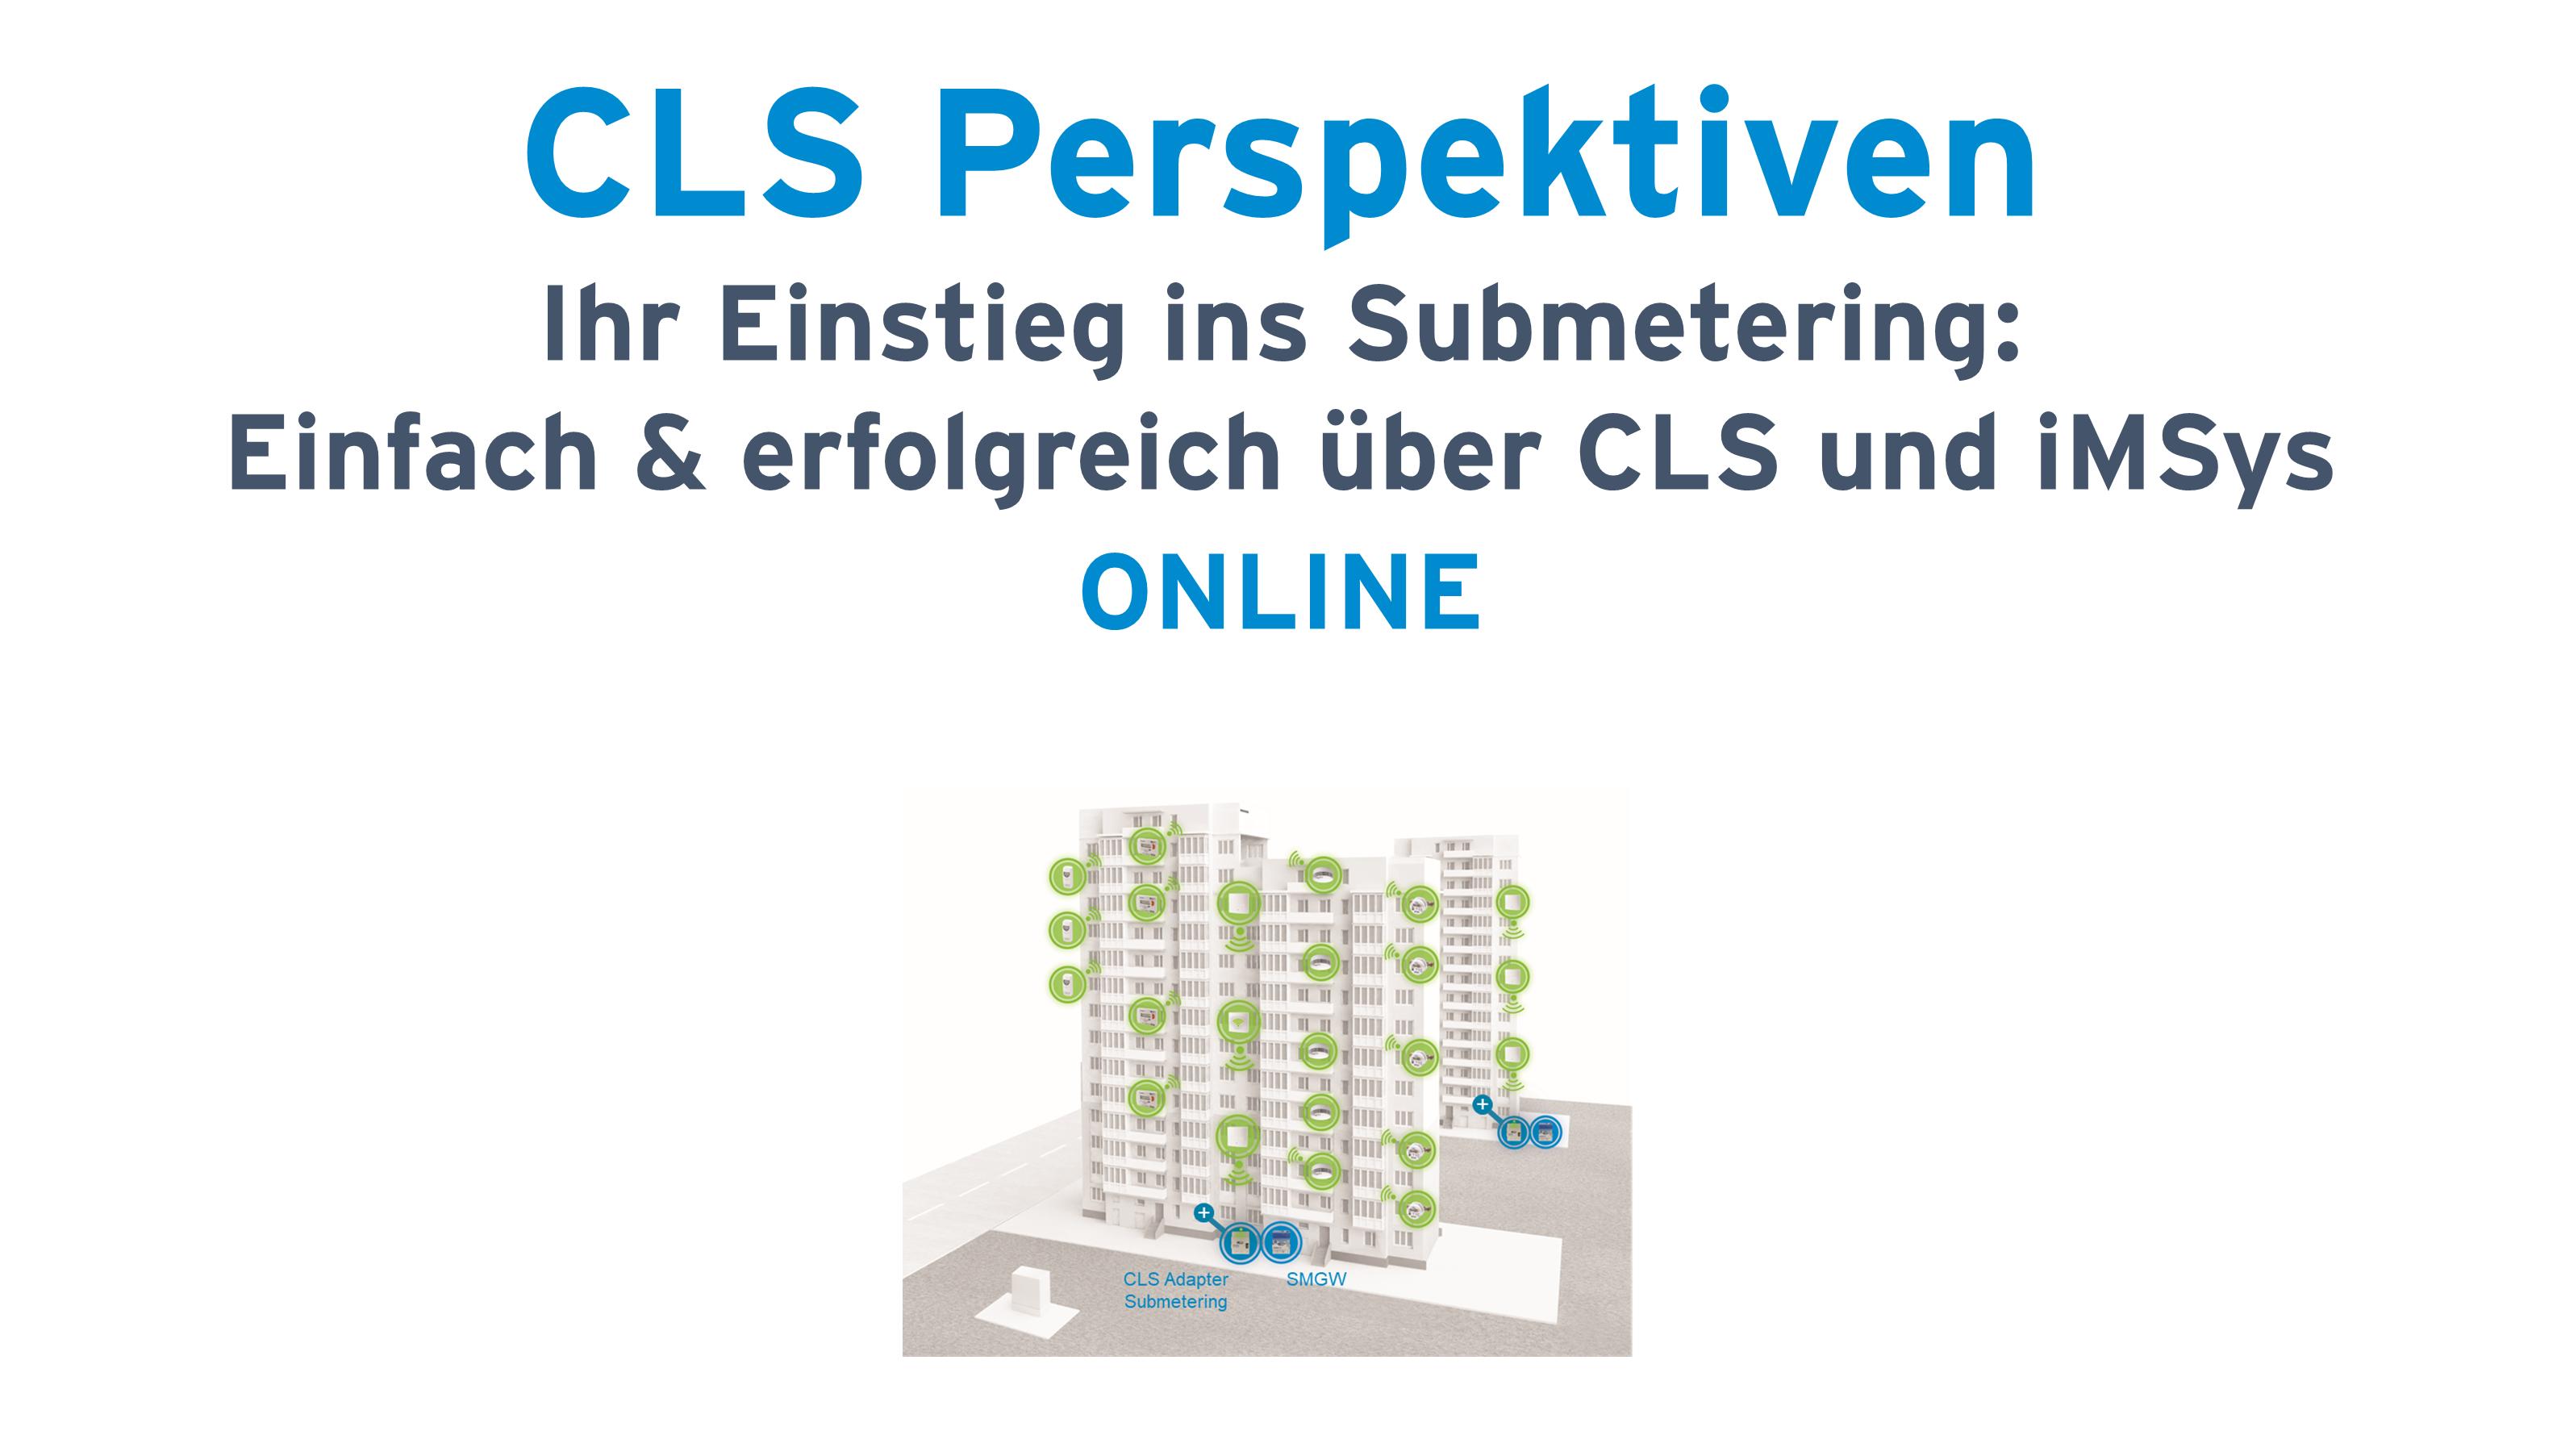 webinarteaser_CLS_perspektiven_2